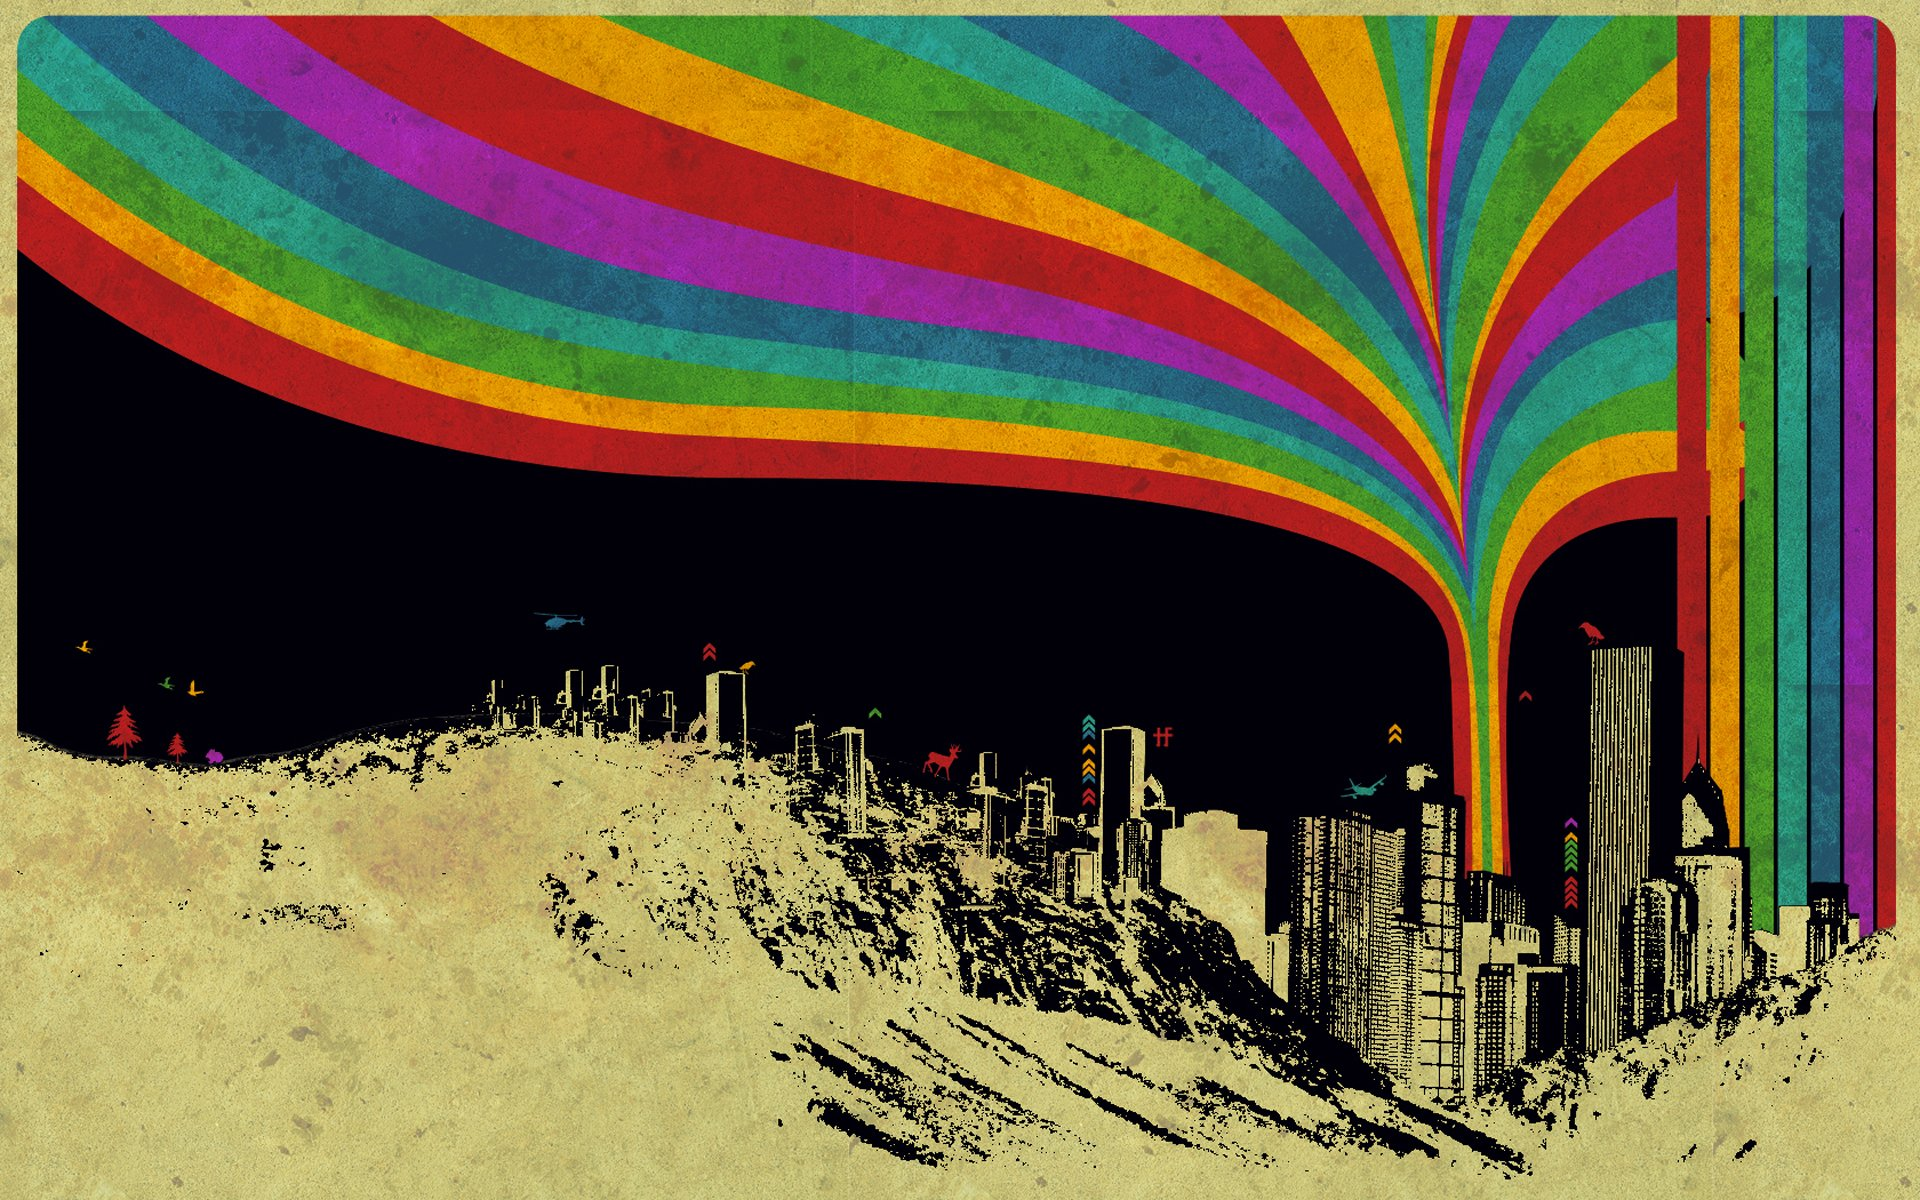 艺术 - 色彩  壁纸